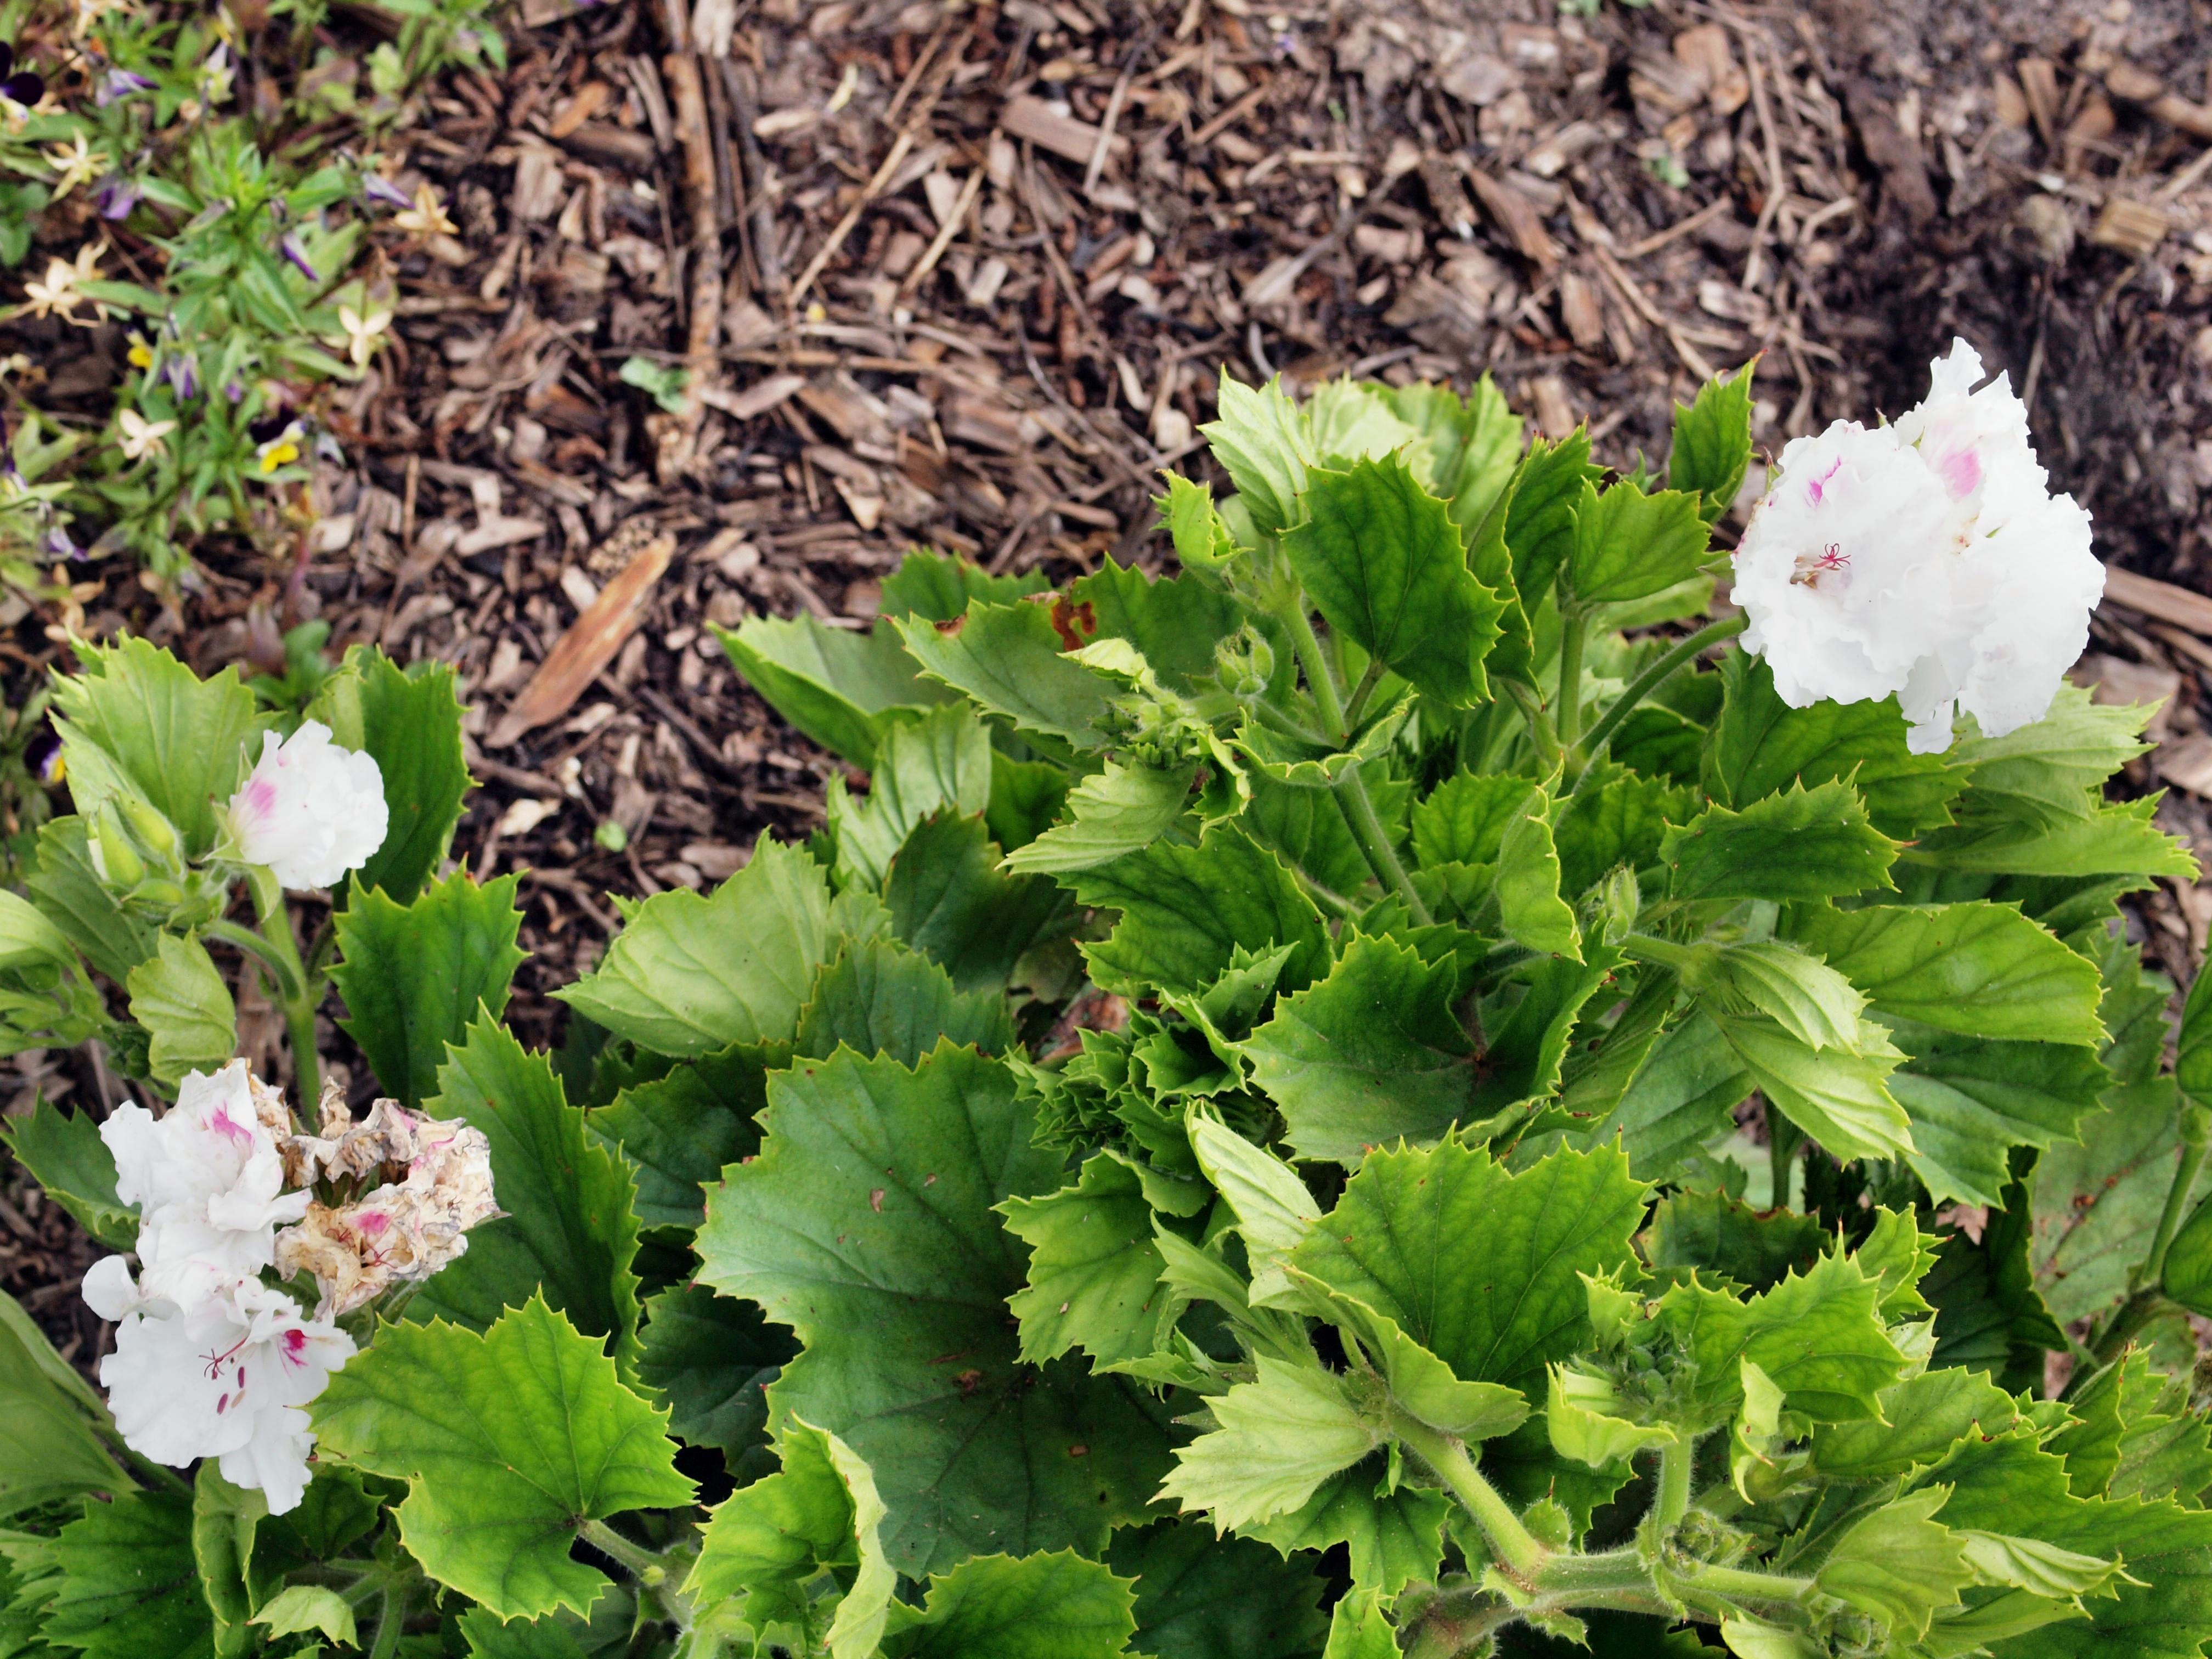 Pelargonium-12.jpeg